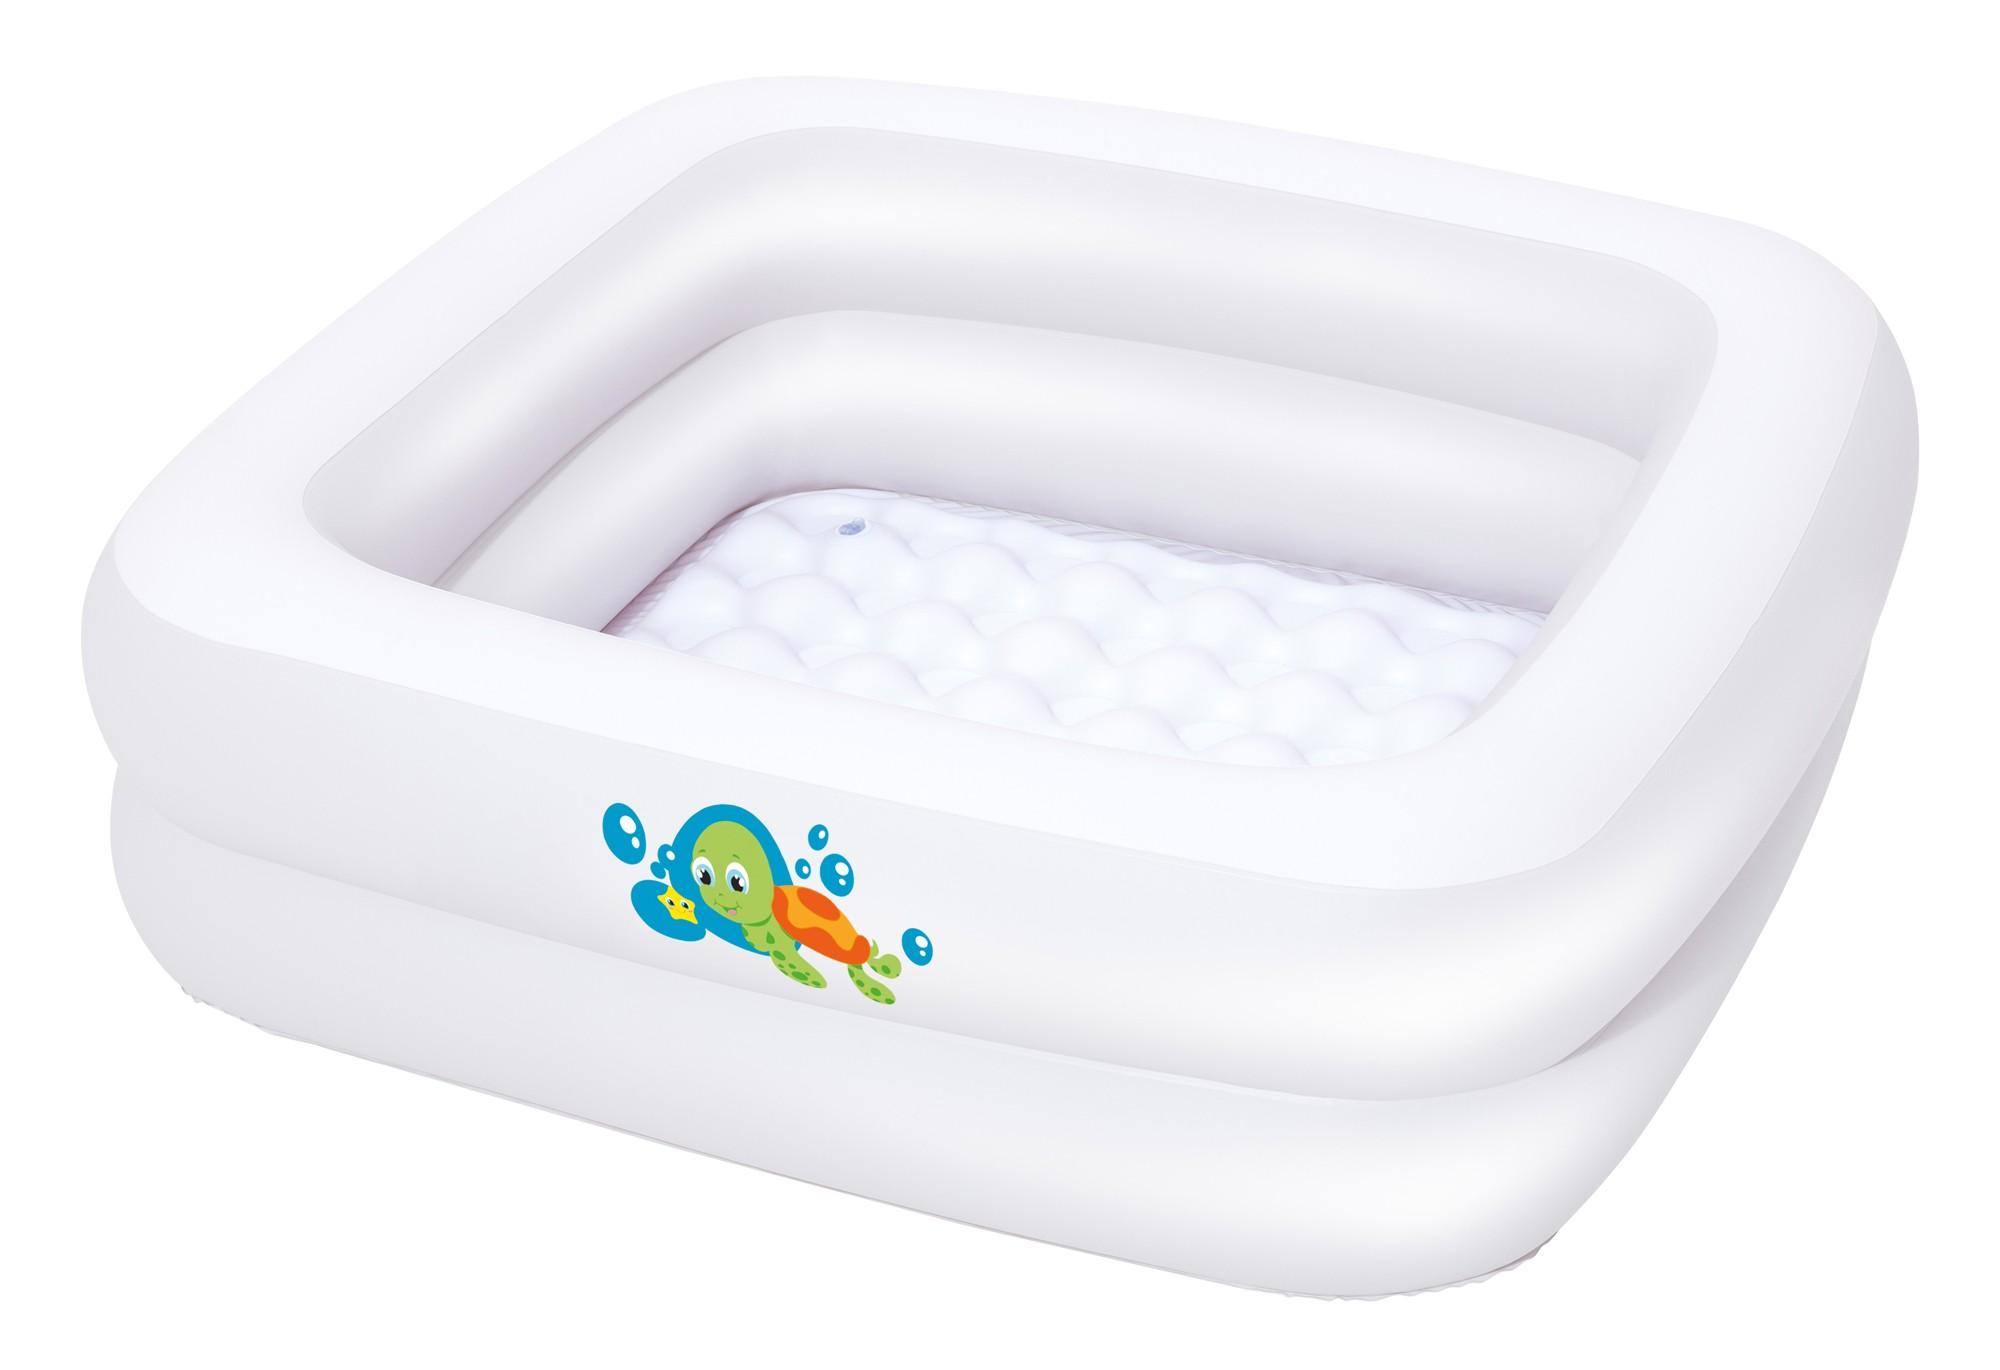 Planschbecken / Babybadewanne Bestway Baby Tub 86x86x25cm Bild 1